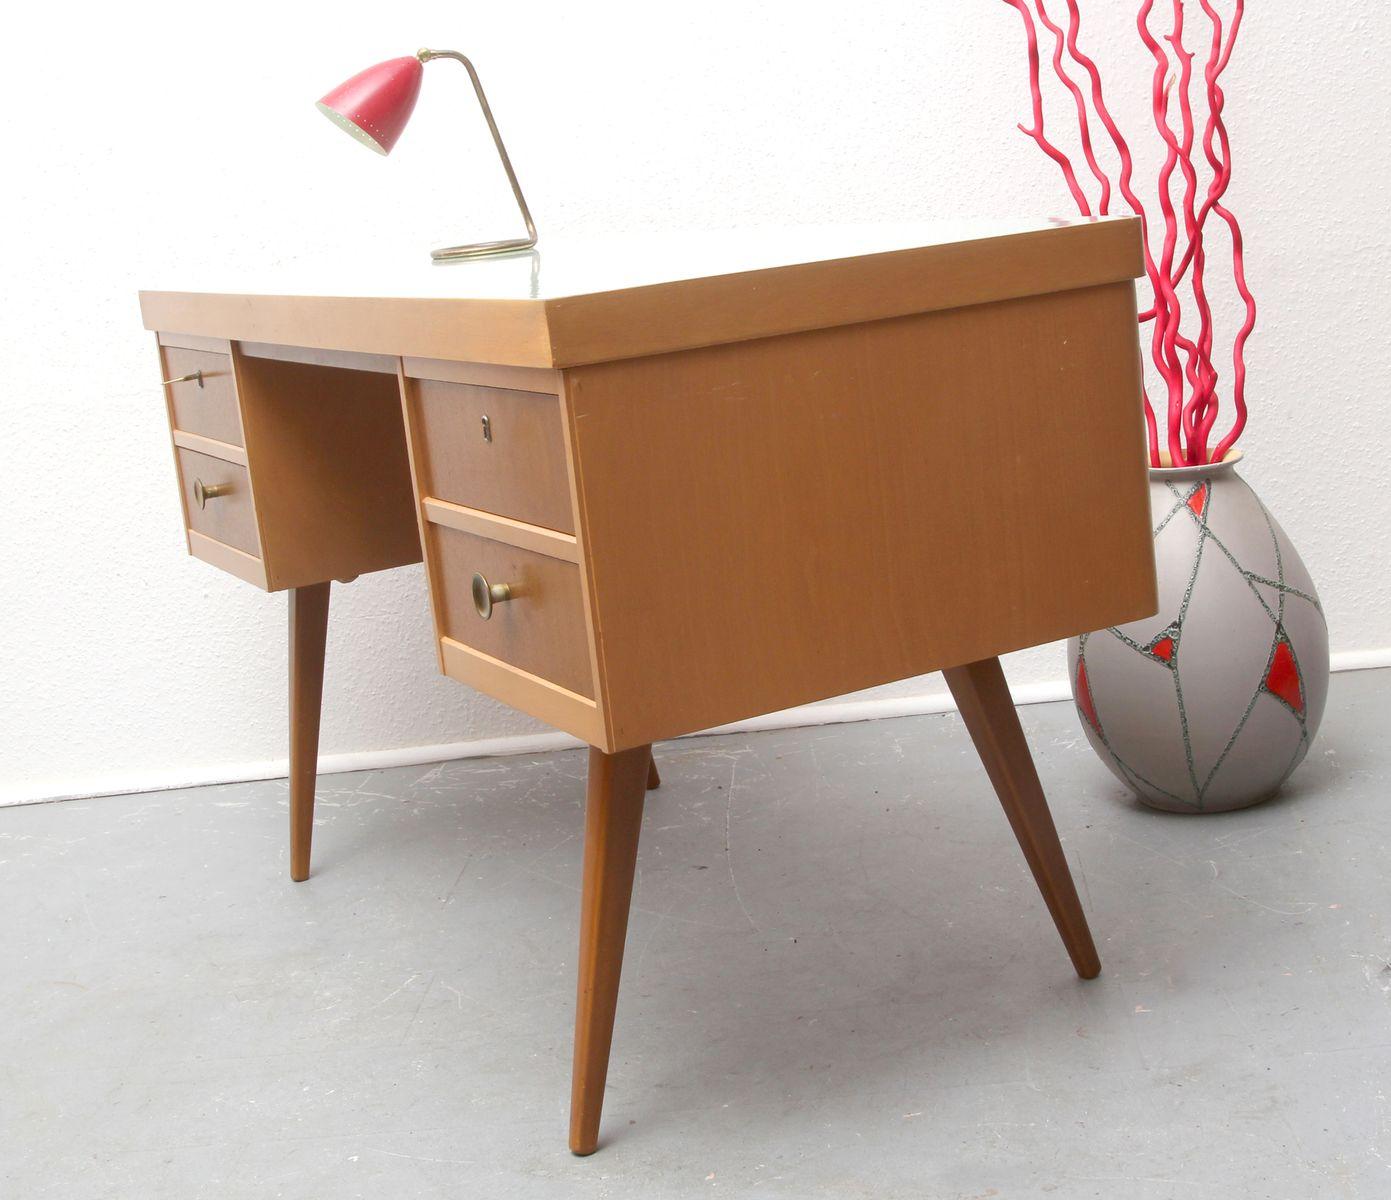 vintage resopal schreibtisch von ekawerk bei pamono kaufen. Black Bedroom Furniture Sets. Home Design Ideas